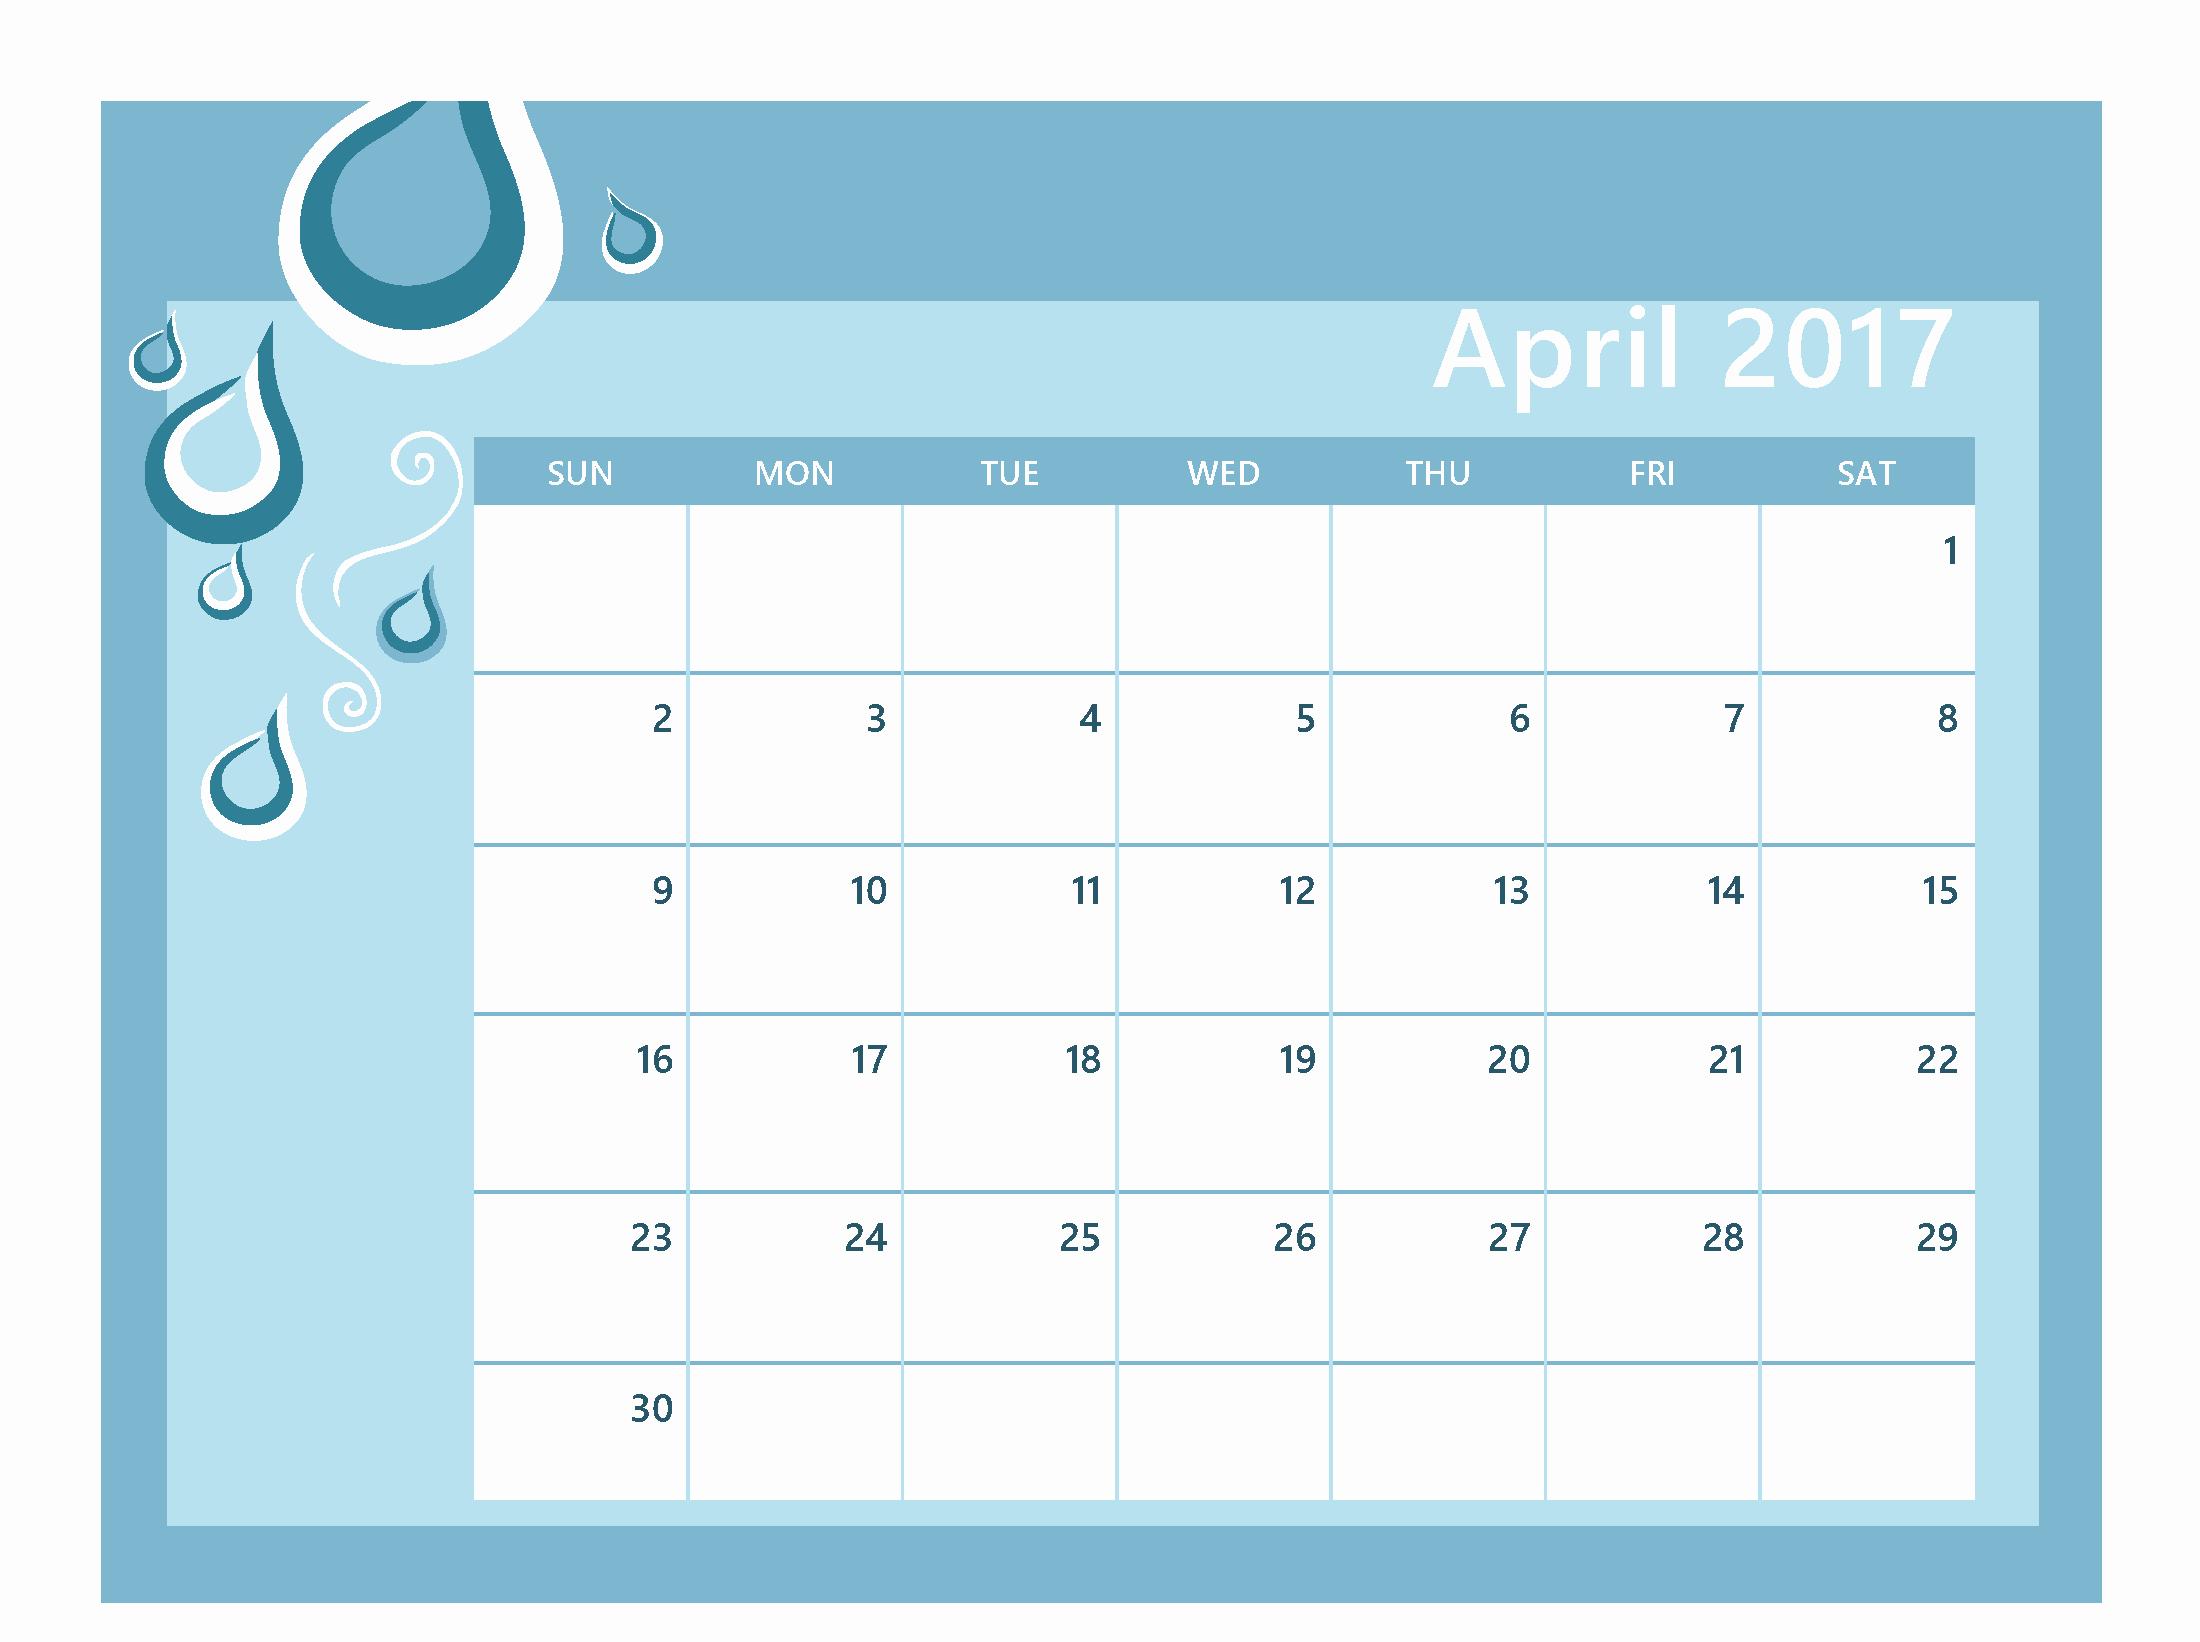 2017 Editable Calendar with Holidays Lovely April 2017 Calendar Editable Calendar and